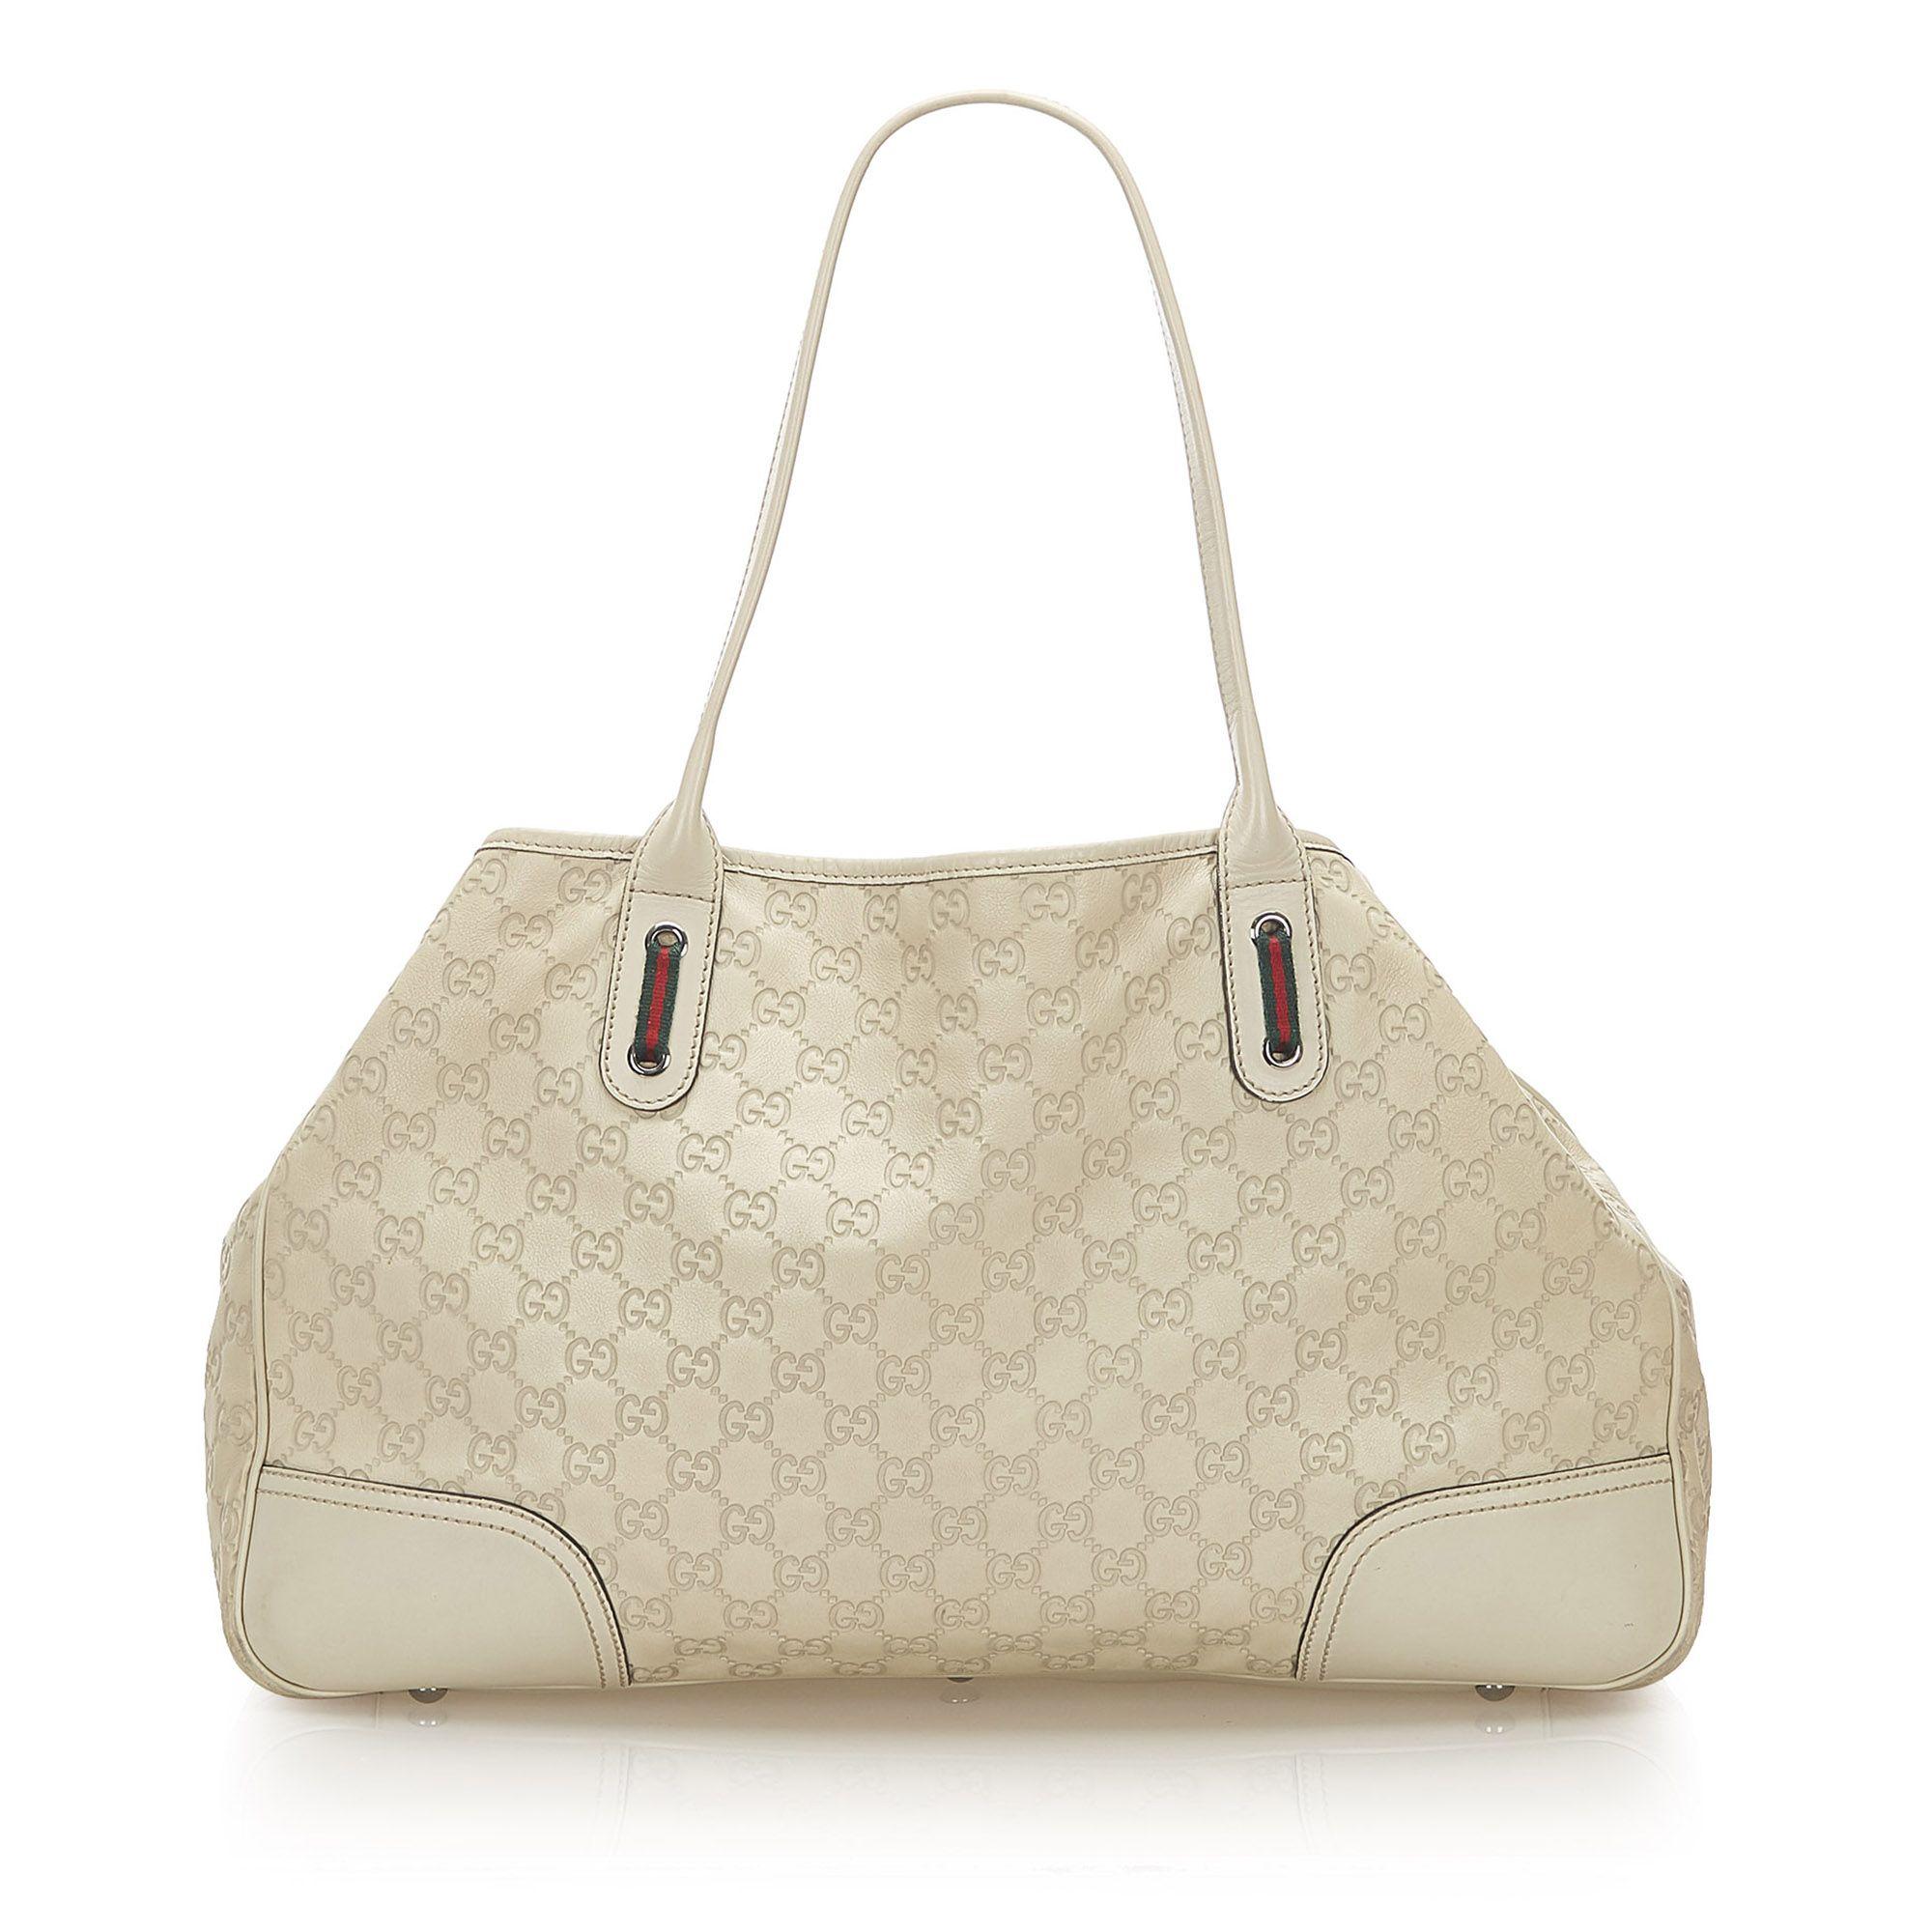 Vintage Gucci Guccissima Princy Tote Bag White